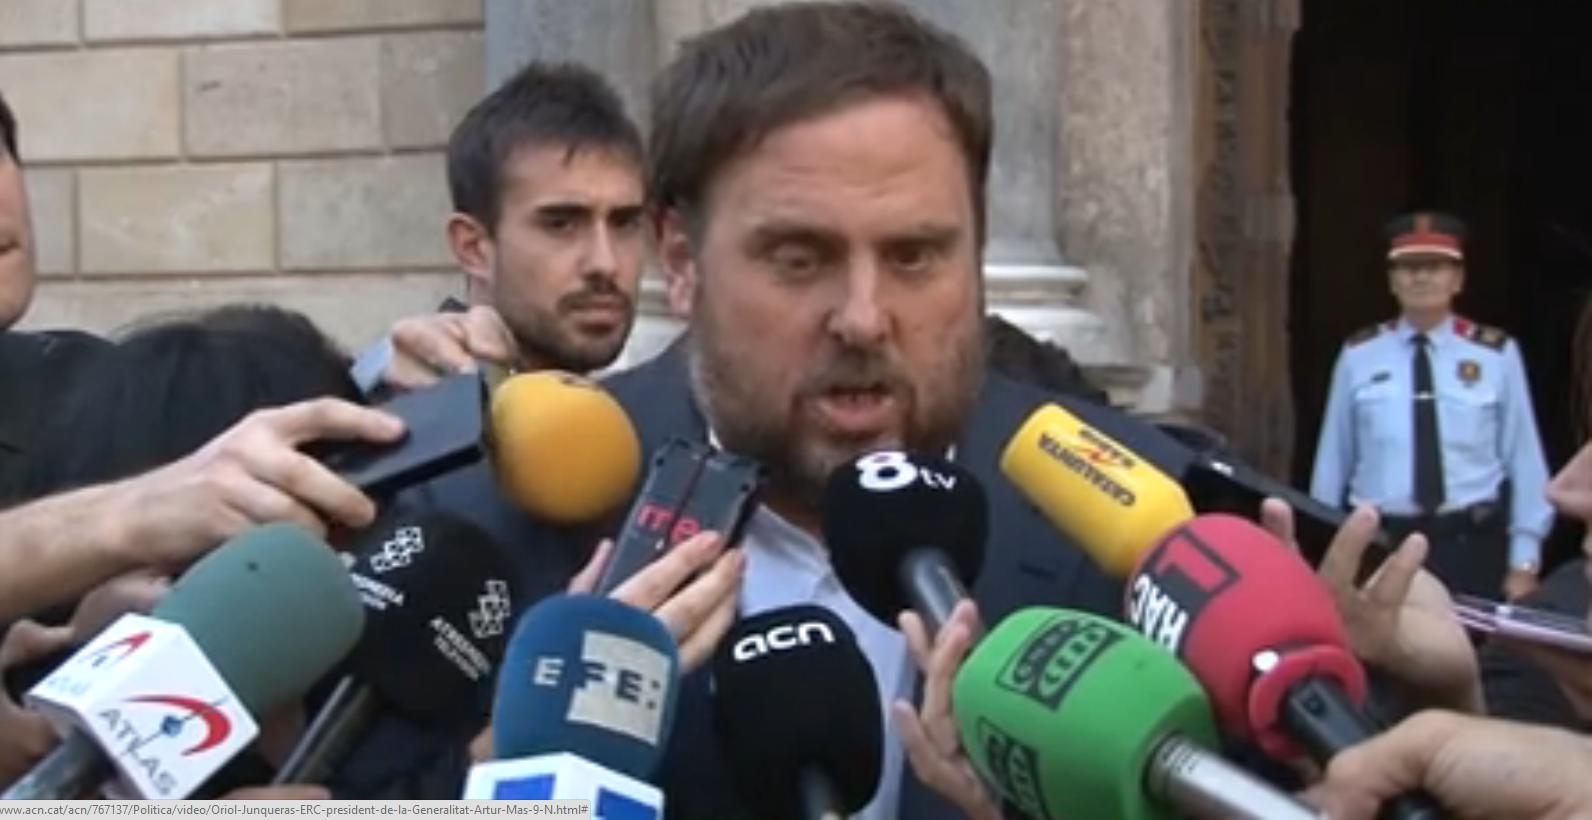 Artur Mas y Oriol Junqueras han pactado esta tarde  para celebrar juntos  el nuevo referéndum del 9-N